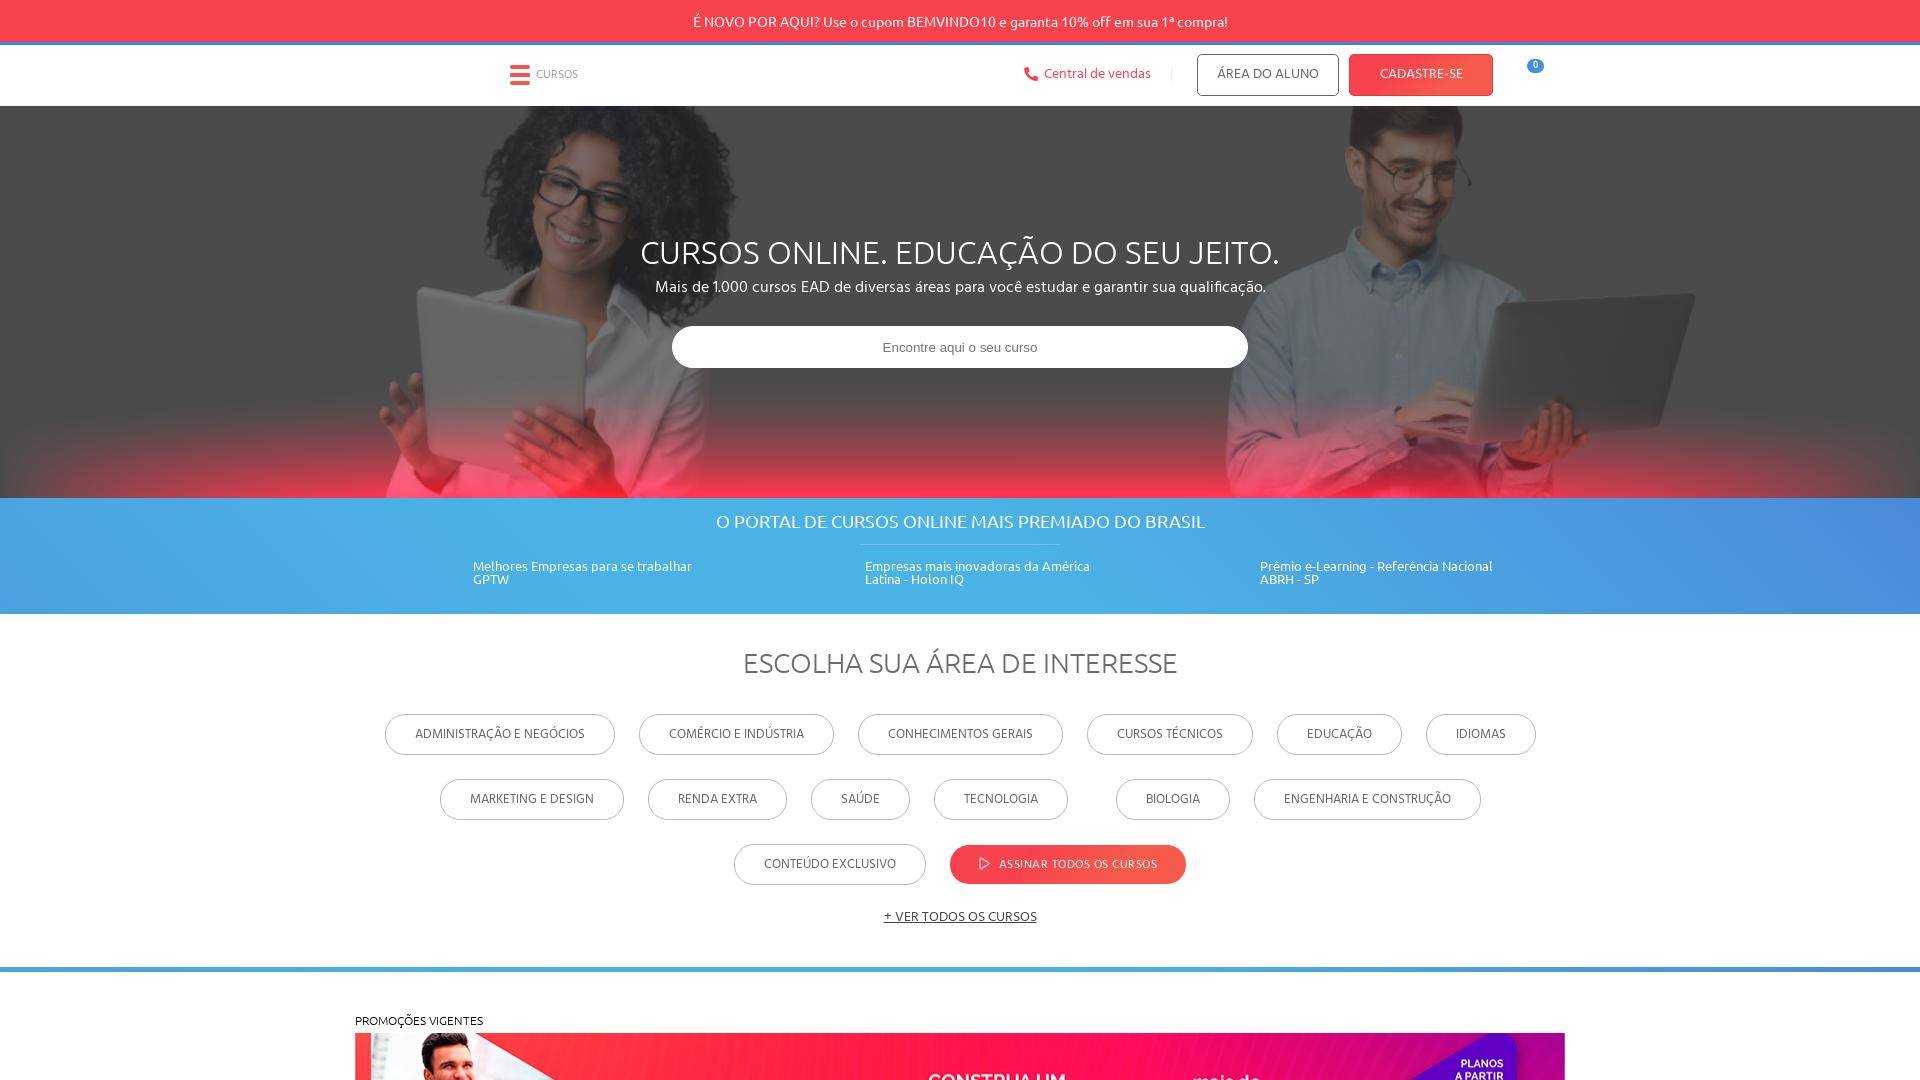 Portal Educação website